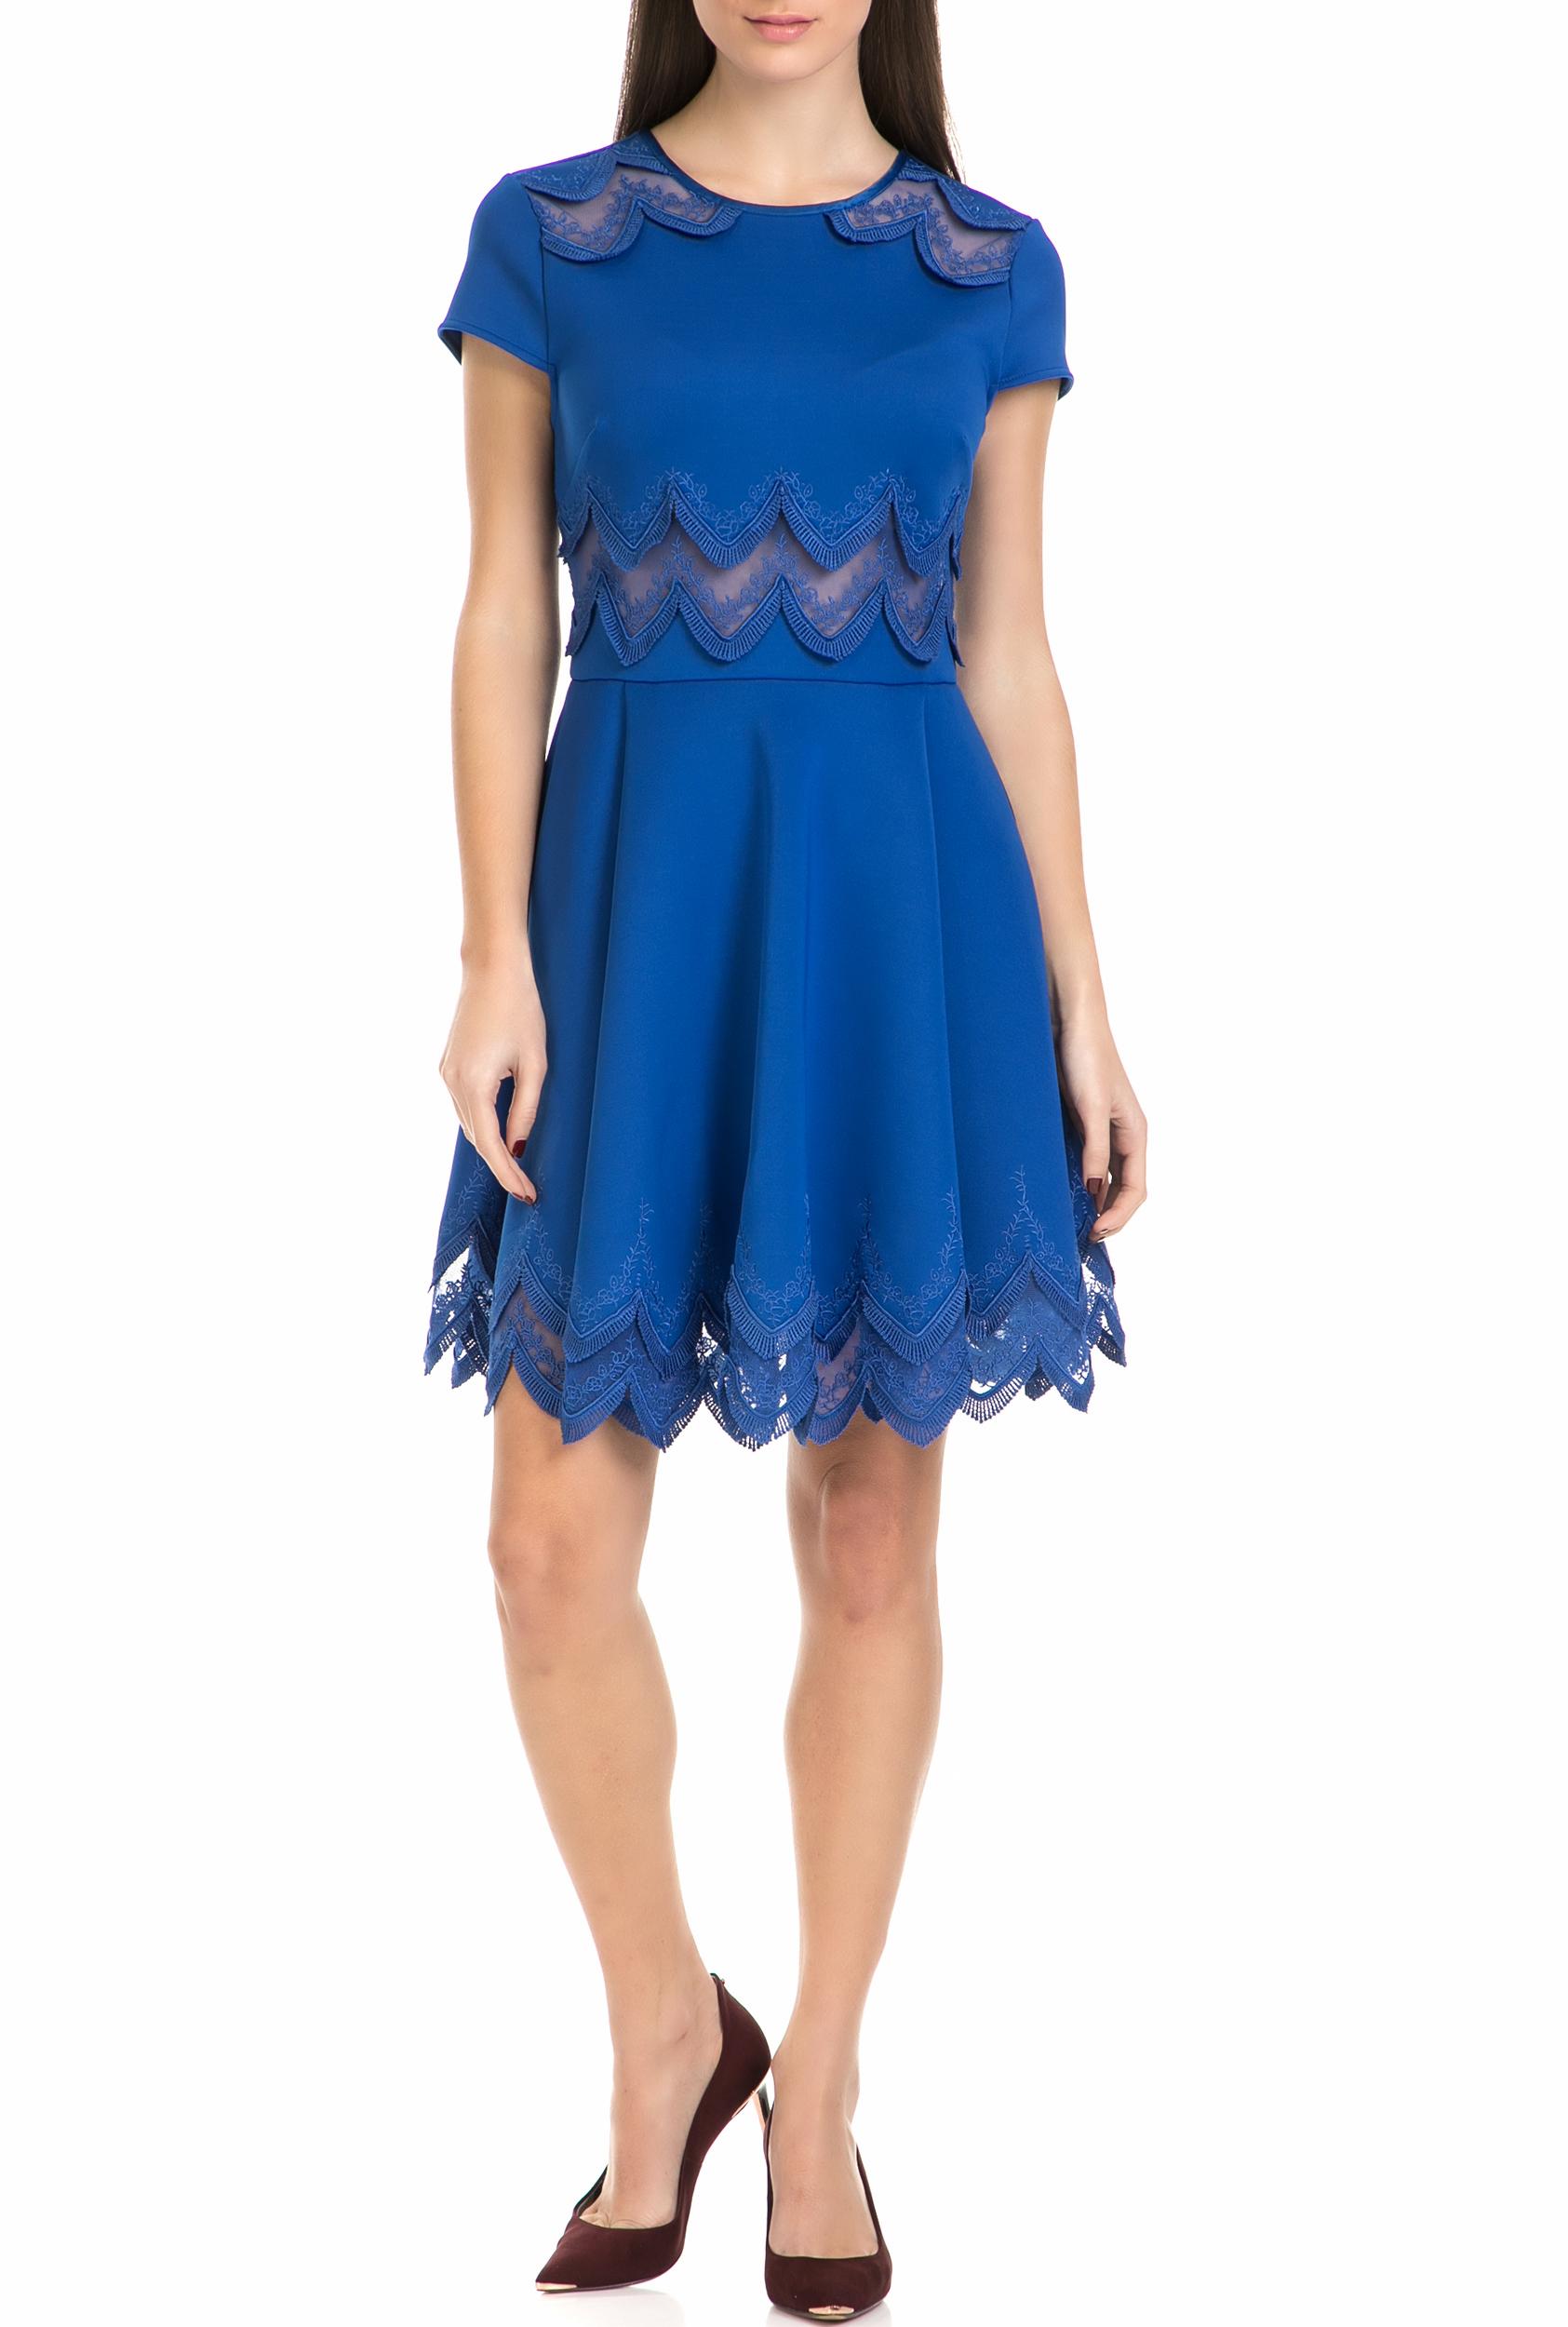 TED BAKER - Γυναικείο μίνι φόρεμα REHANNA EMBROIDERED CAP SKATER μπλε γυναικεία ρούχα φορέματα μίνι